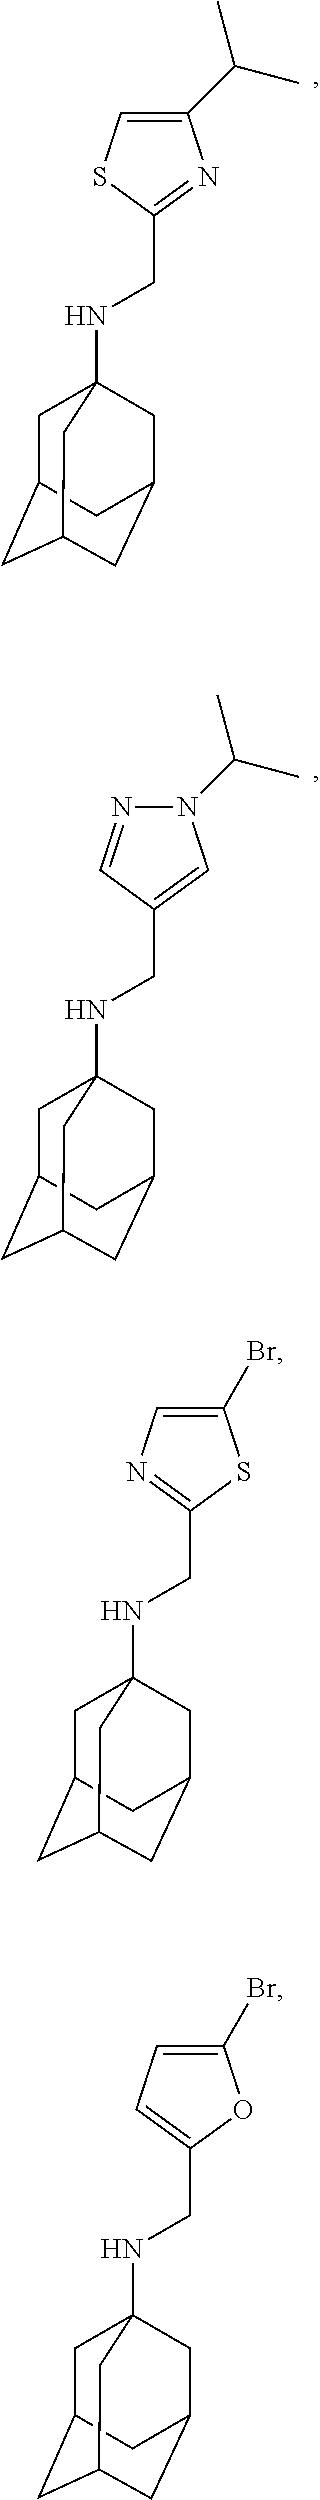 Figure US09884832-20180206-C00146